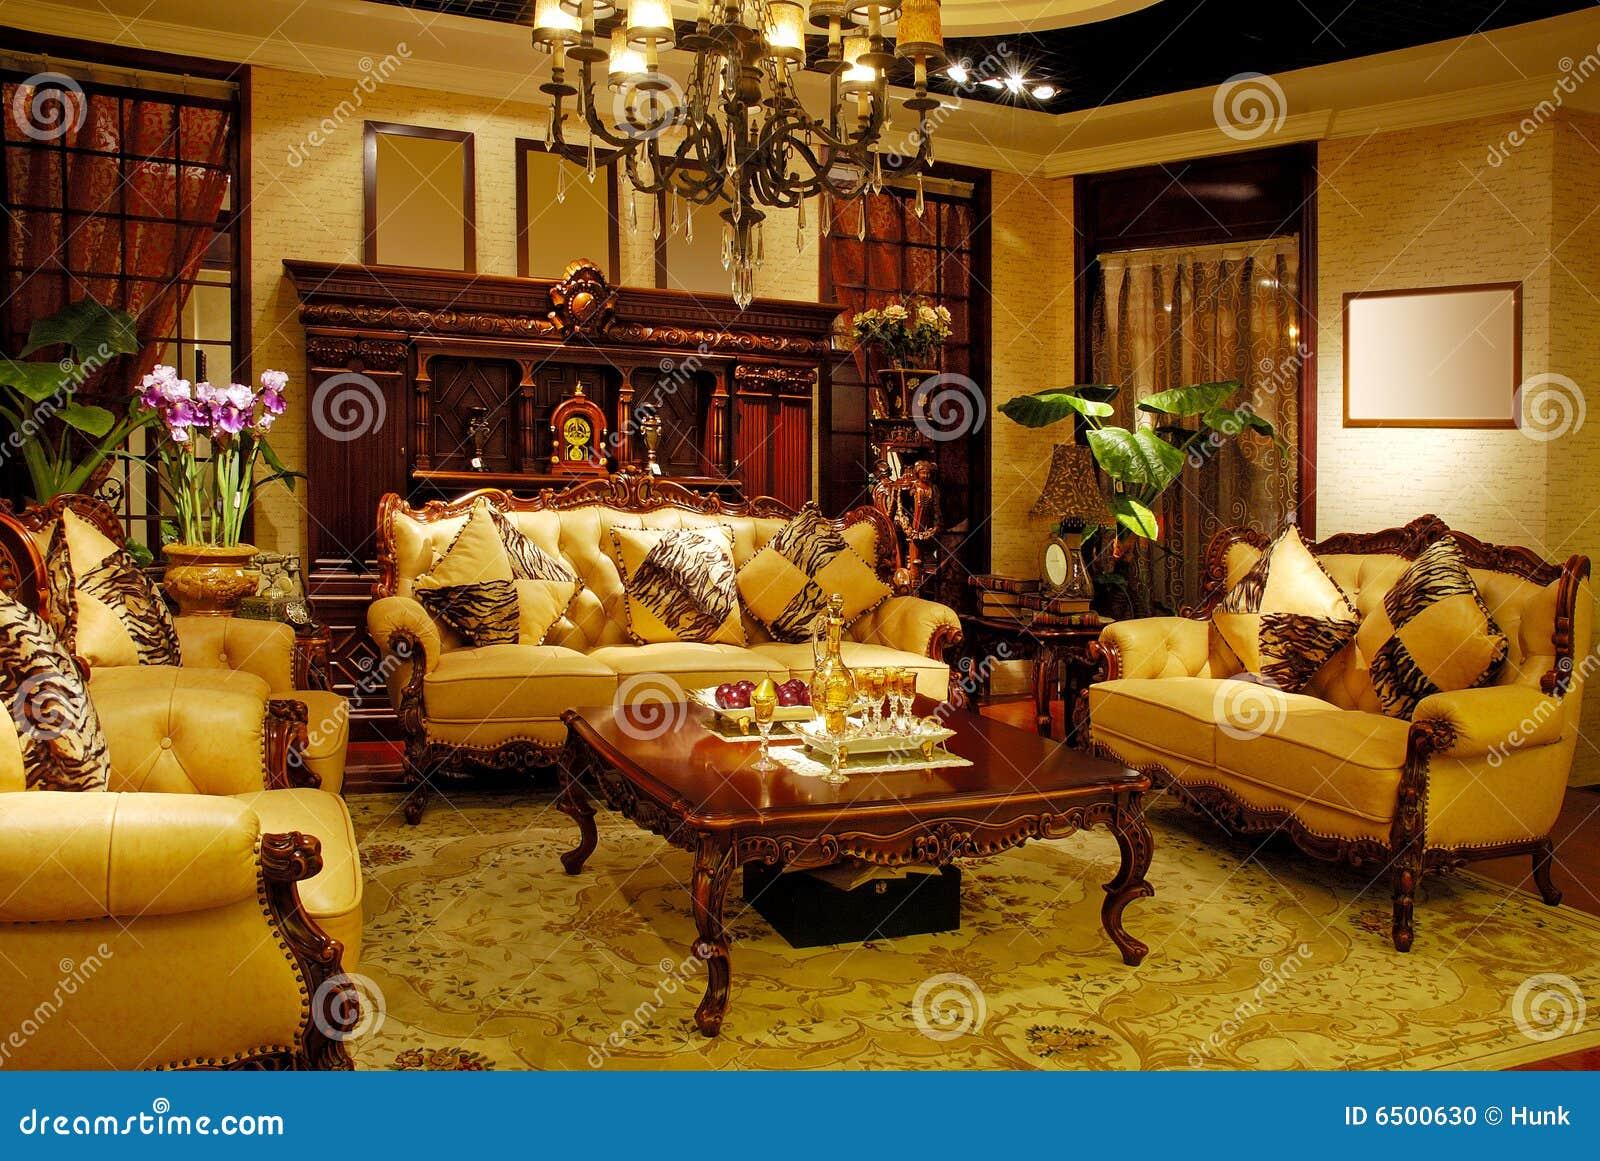 Muebles antiguos que corresponden con foto de archivo - Fotos de muebles antiguos ...